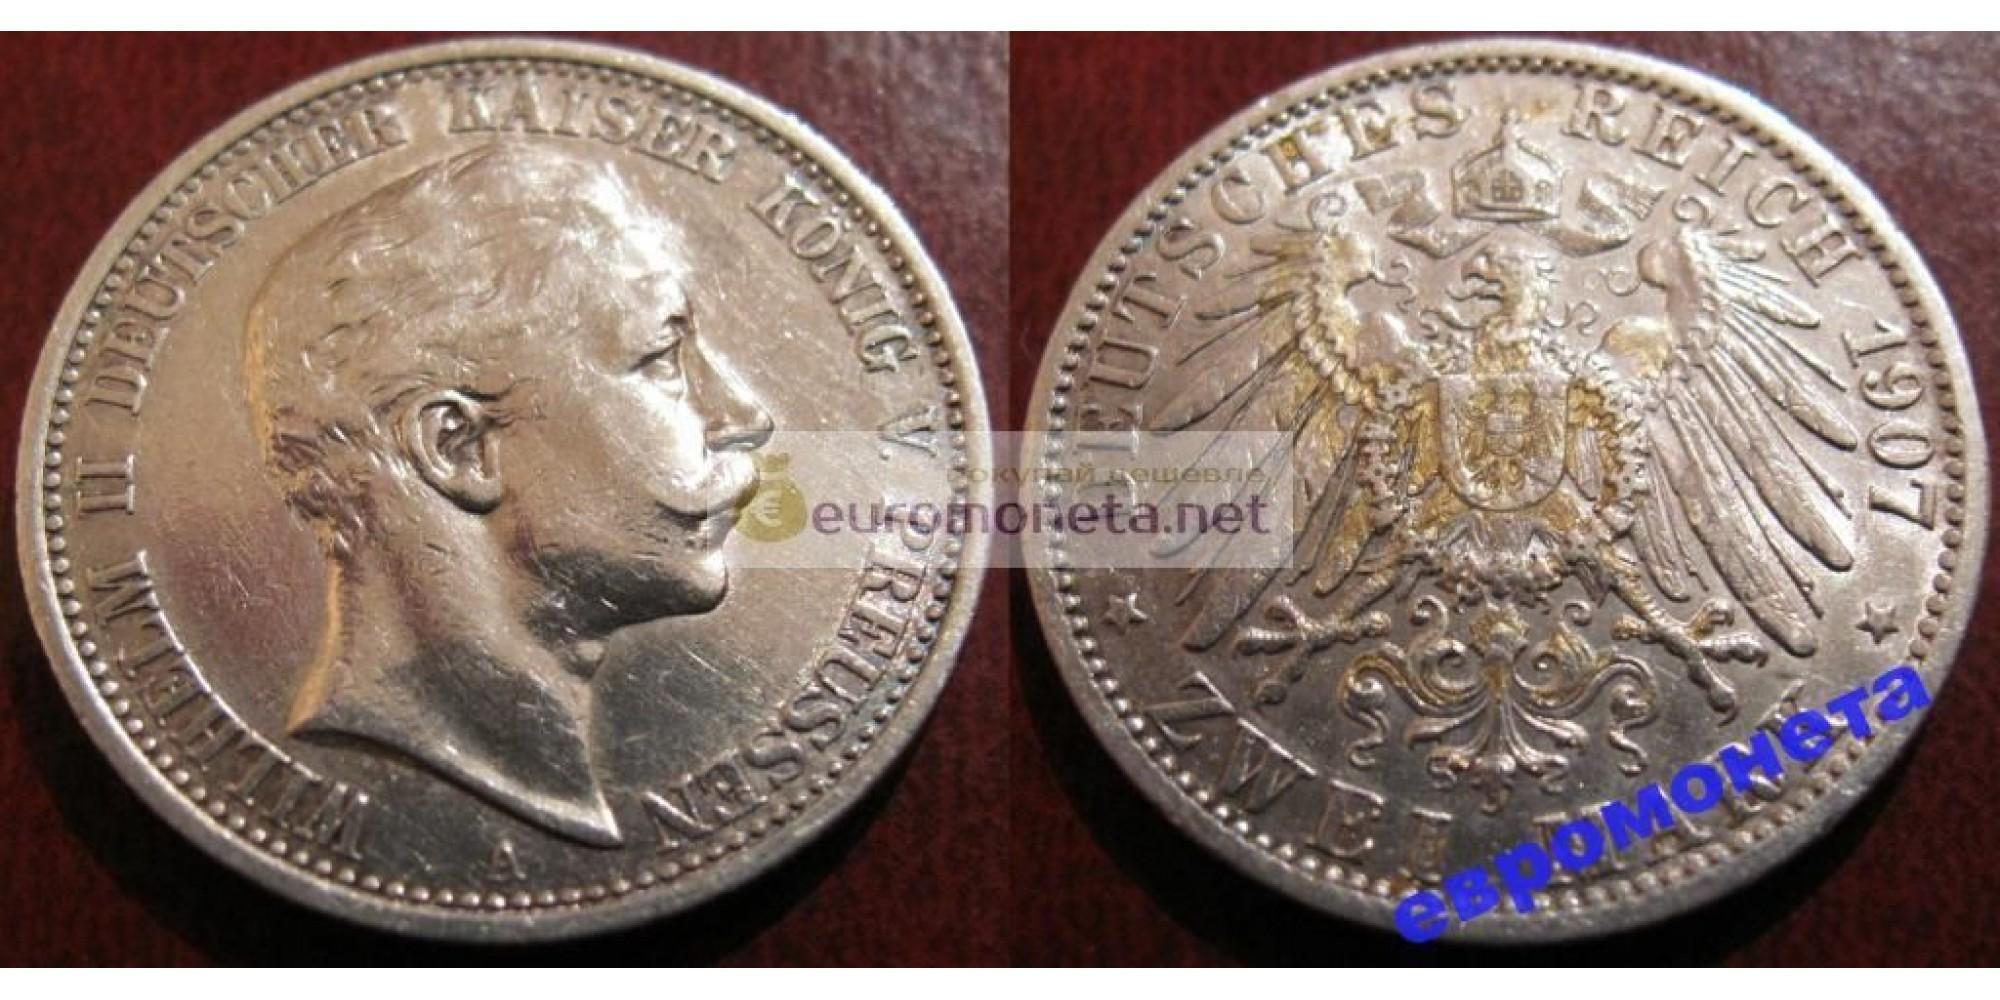 Германия Пруссия 2 марки 1907 год A монета на фотографии серебро